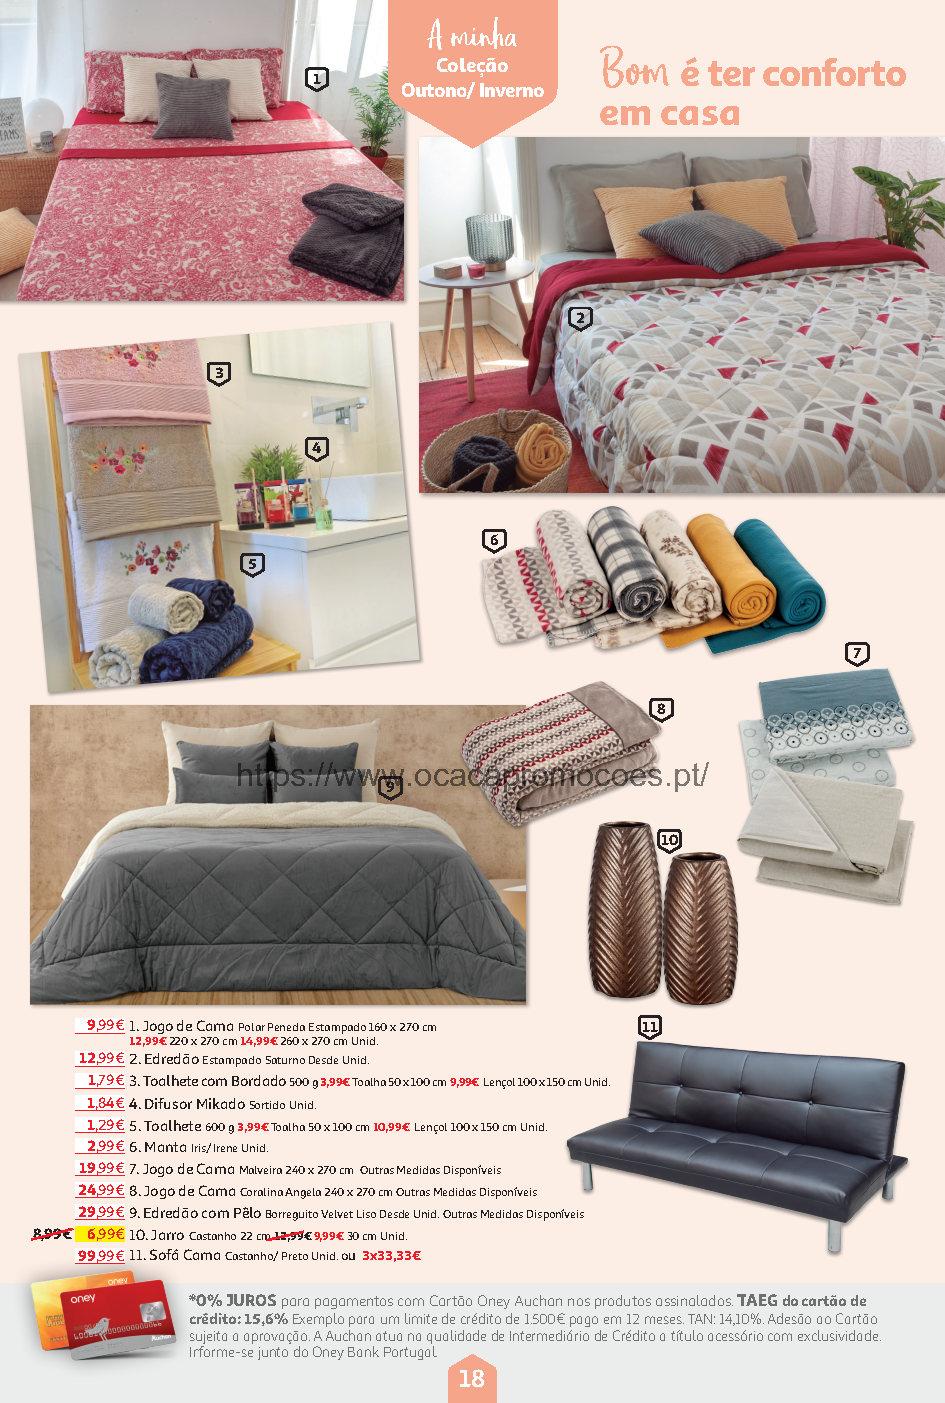 7 auchan folheto Page18 1